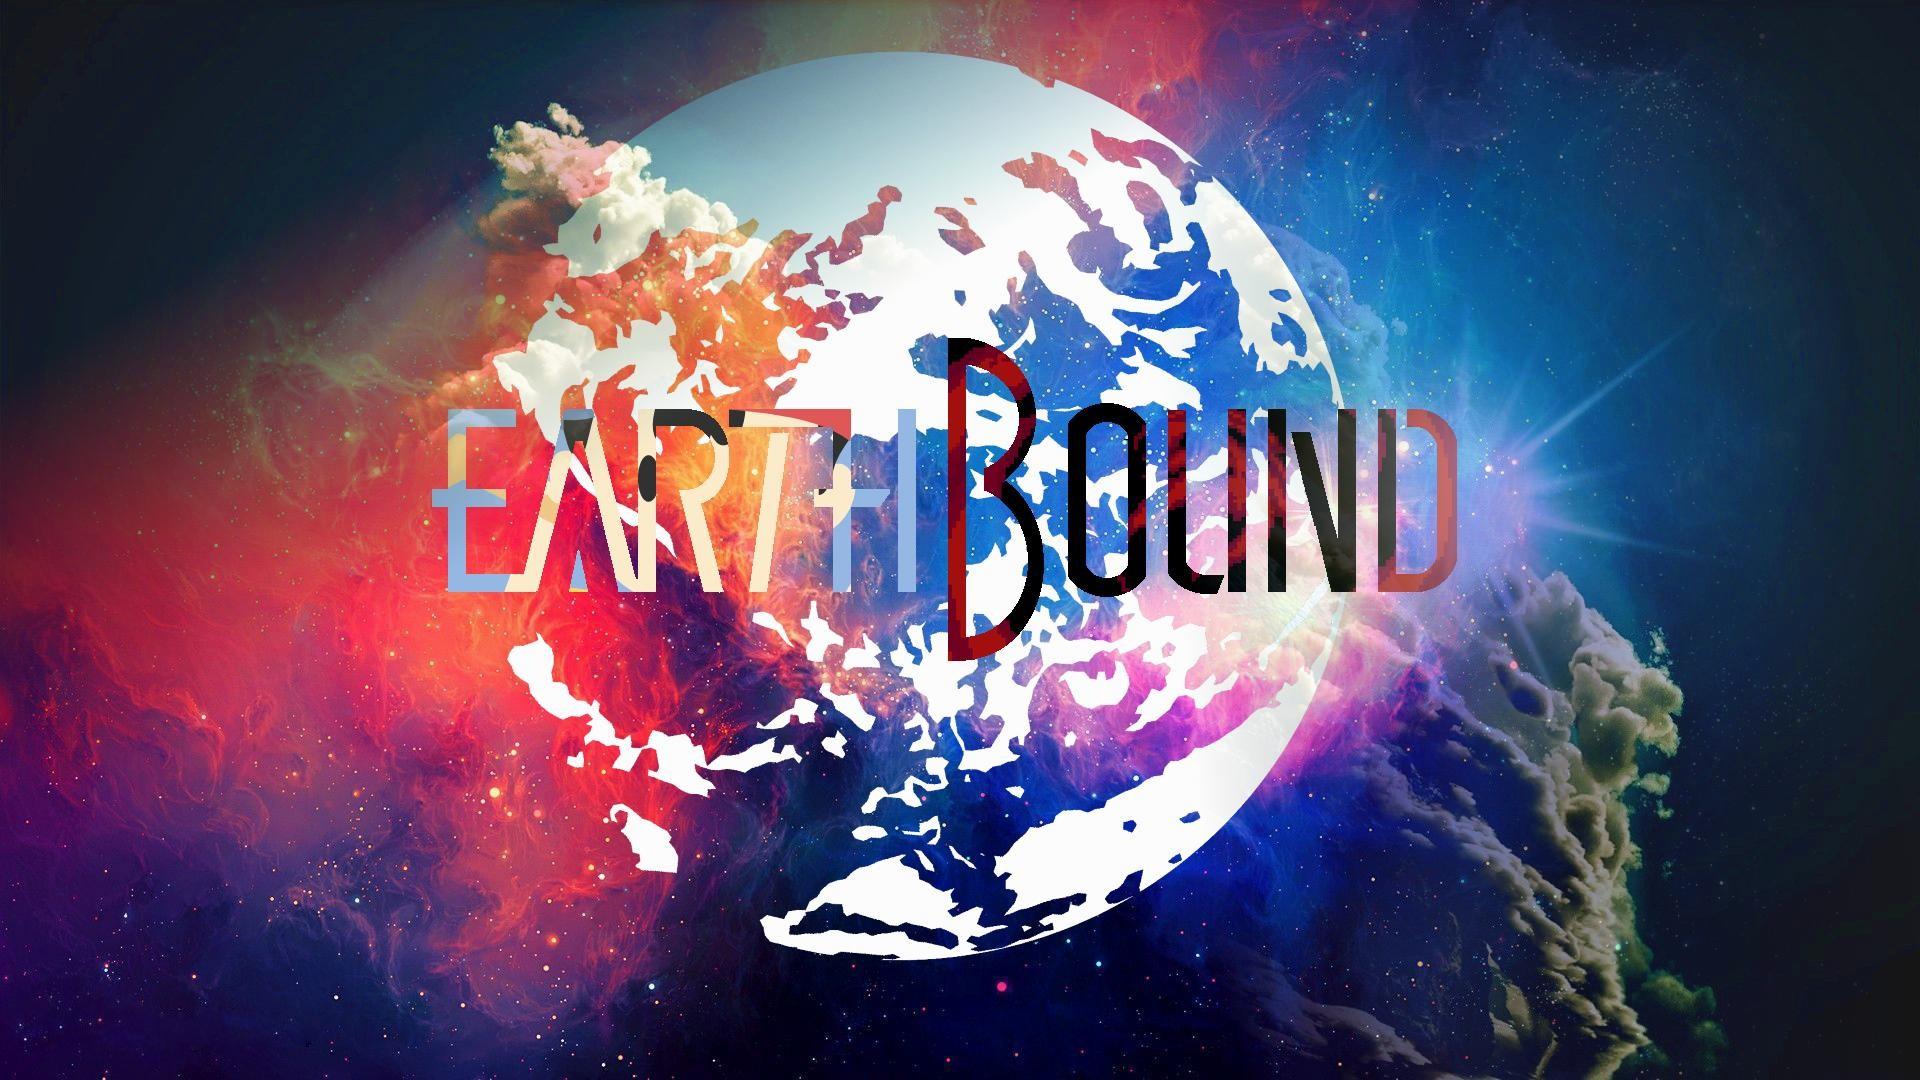 EarthBound-HD-Wallpaper